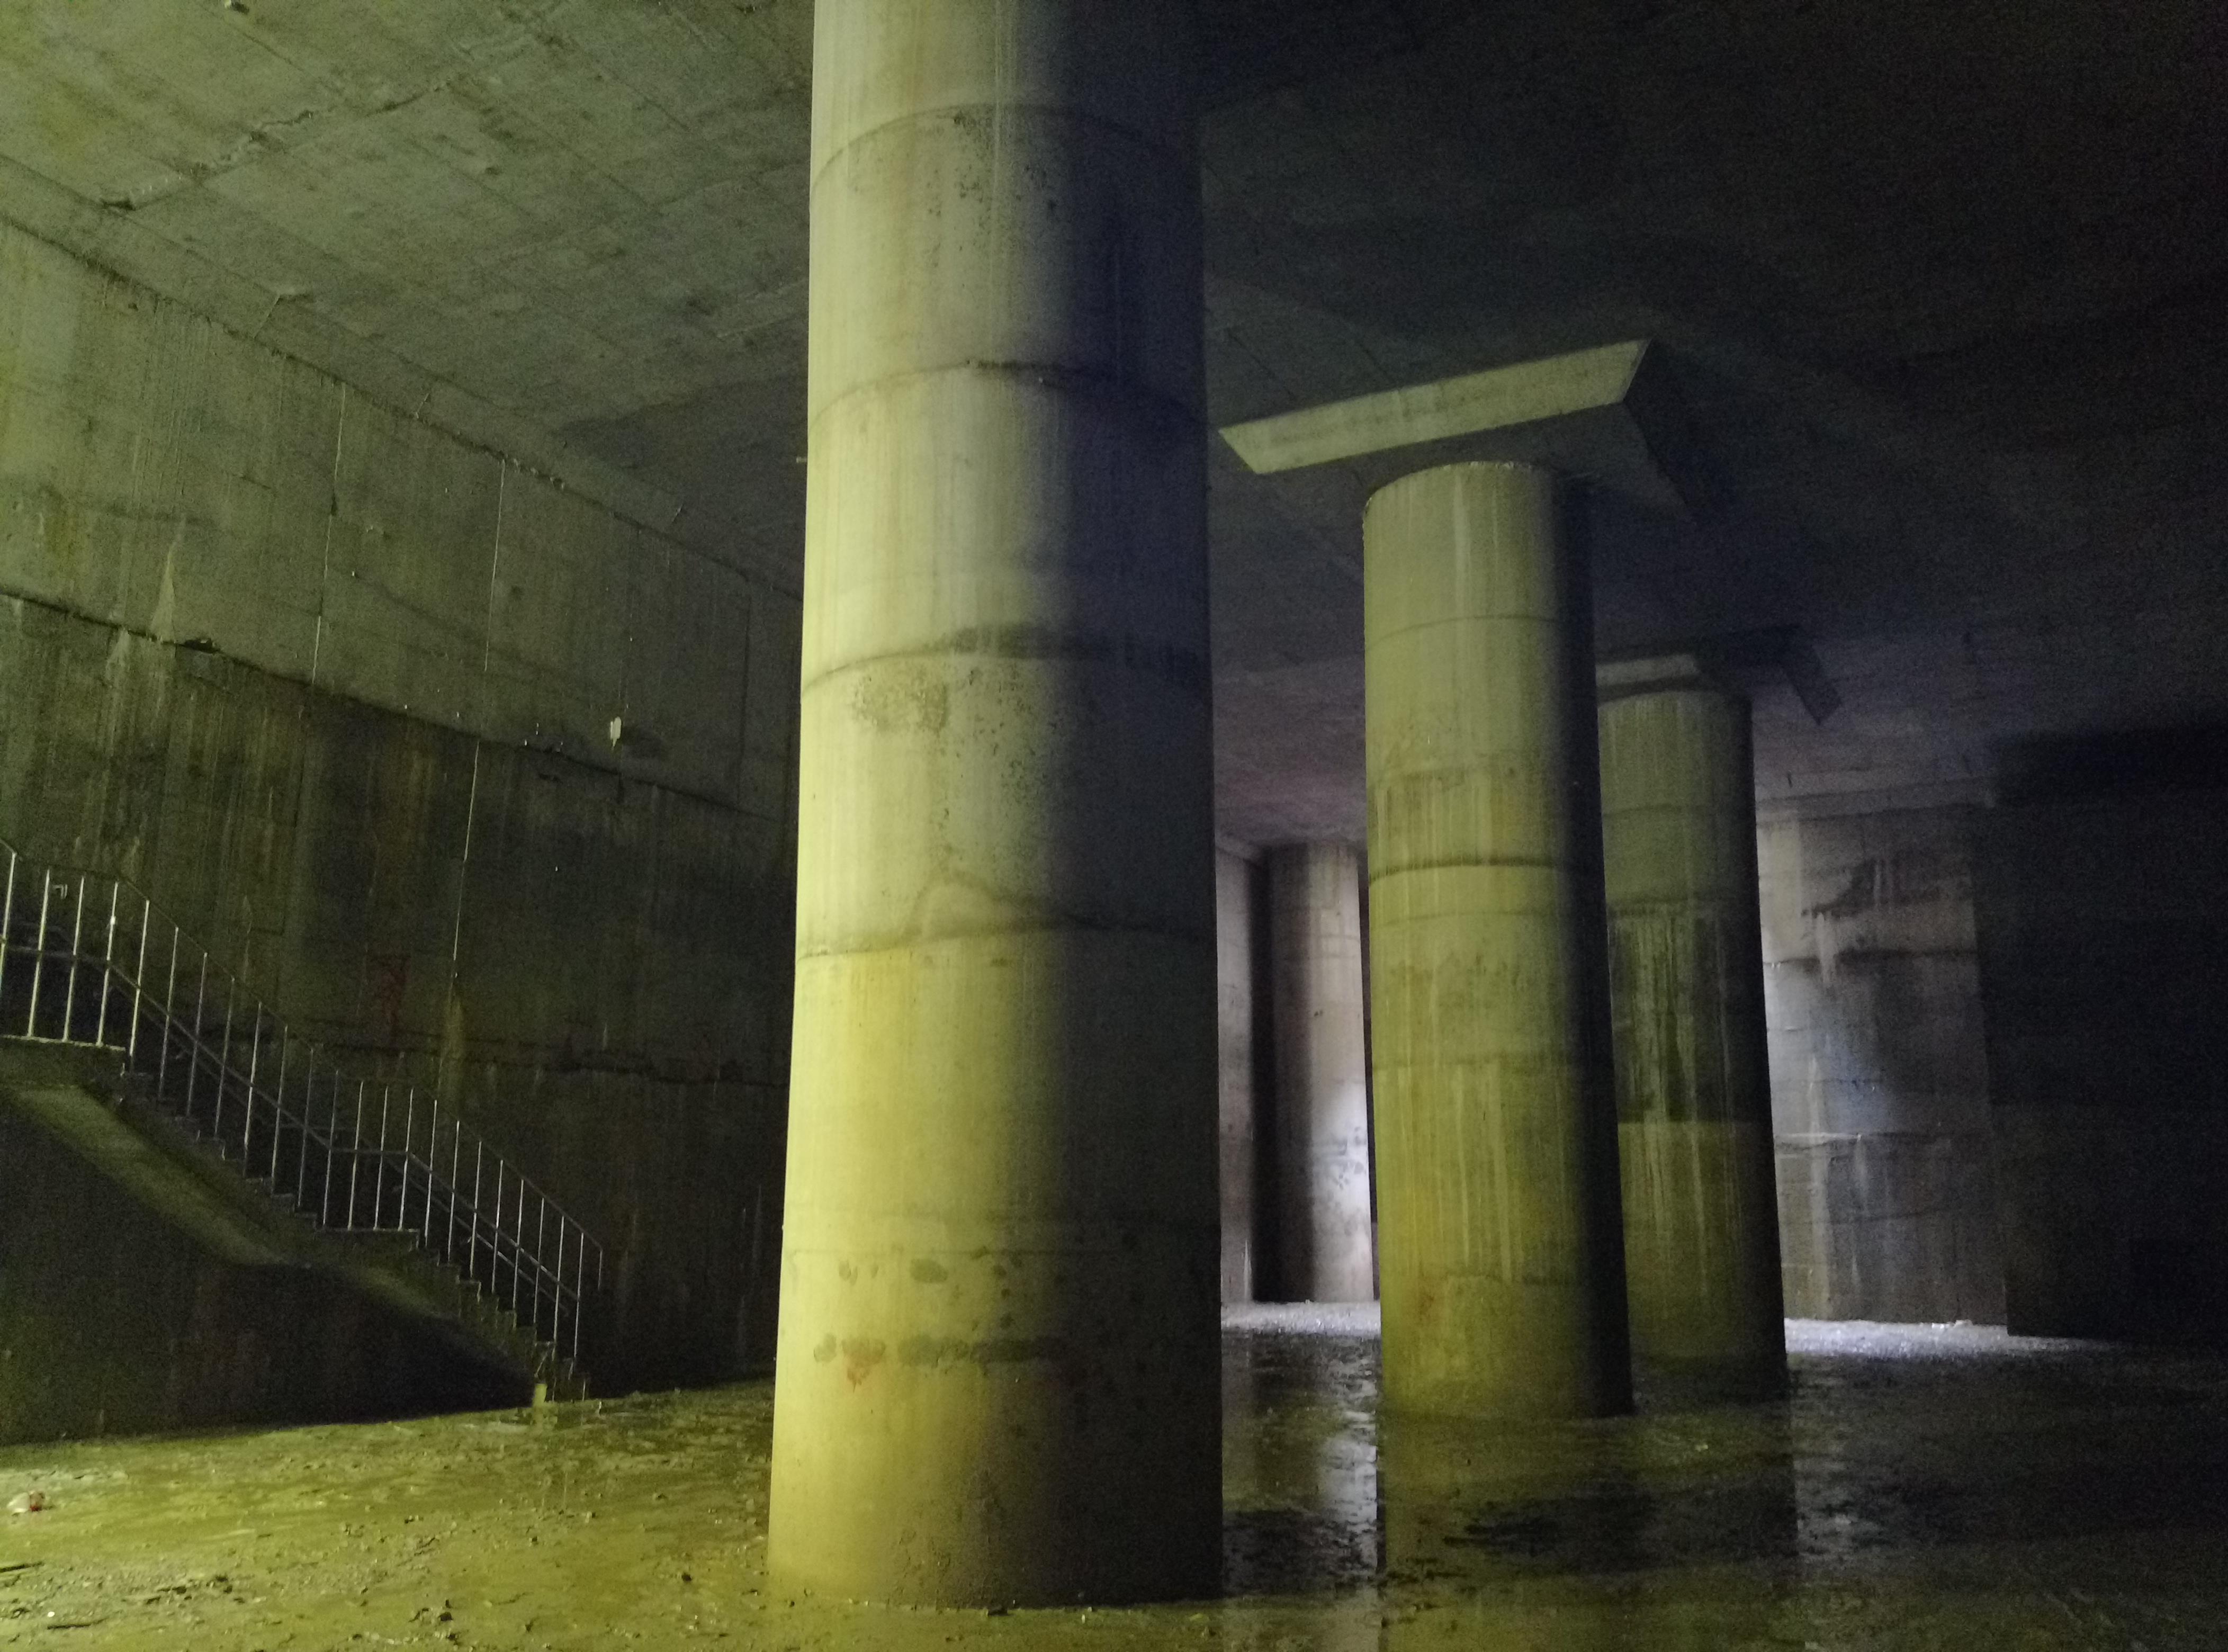 文山運動中心滯洪池內觀